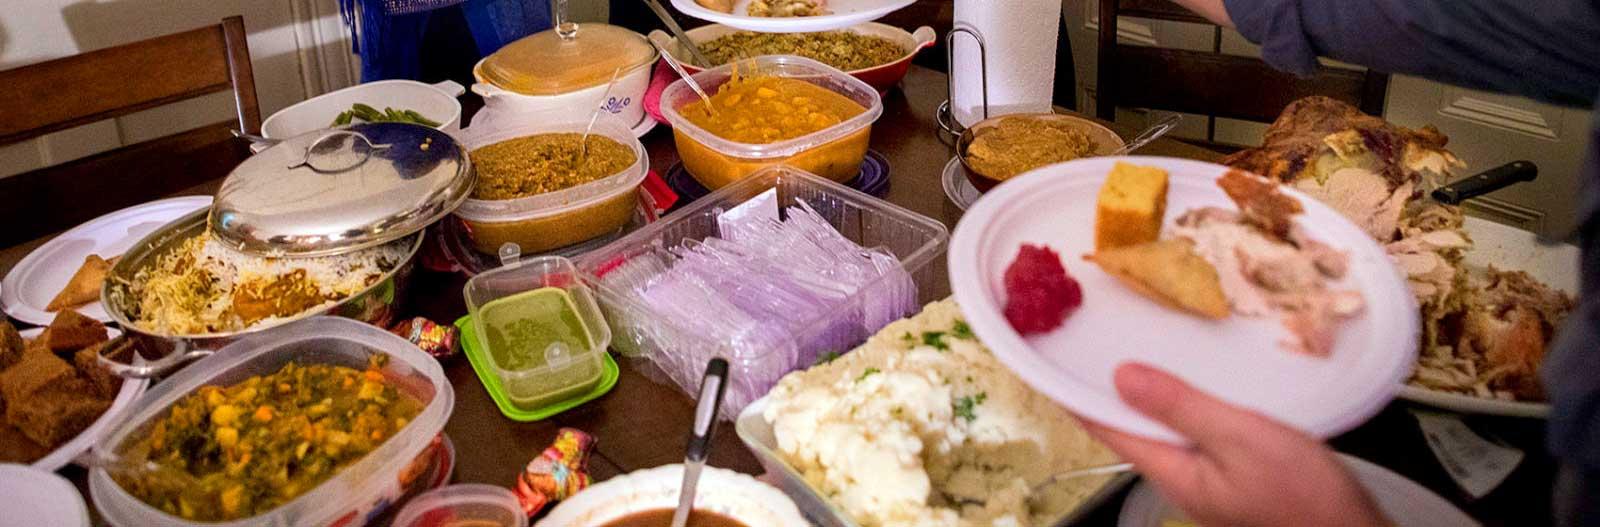 refugee-meals3